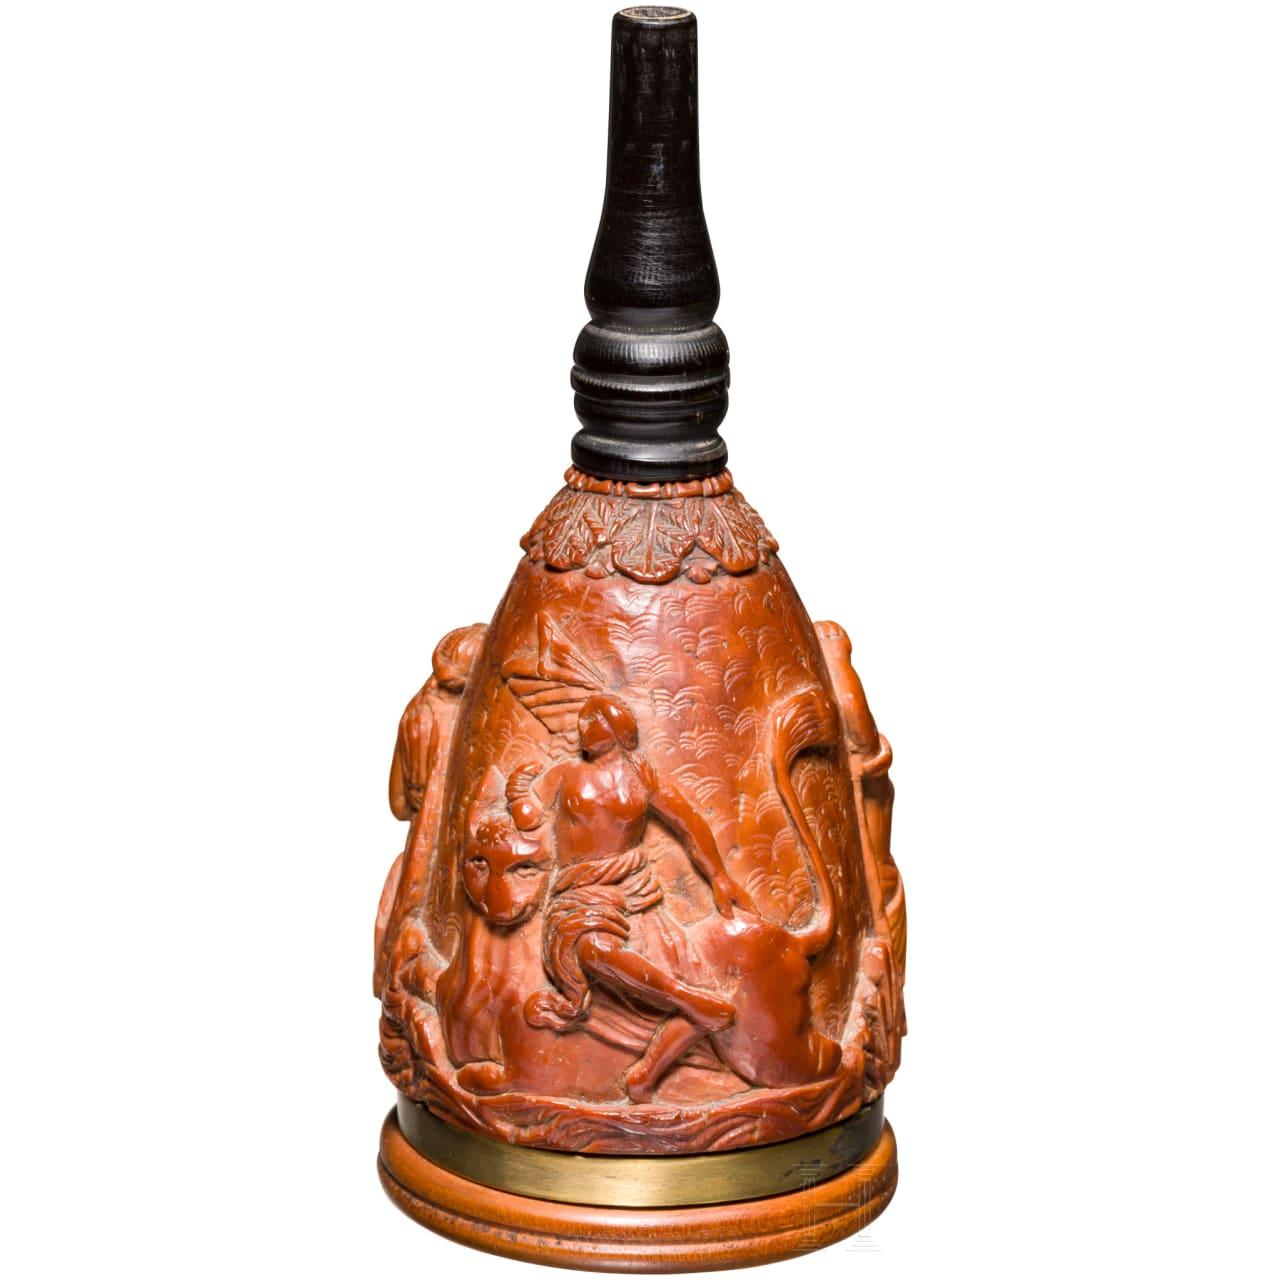 Geschnitzte Buchsbaum-Zündkrautflasche, deutsch, um 1700